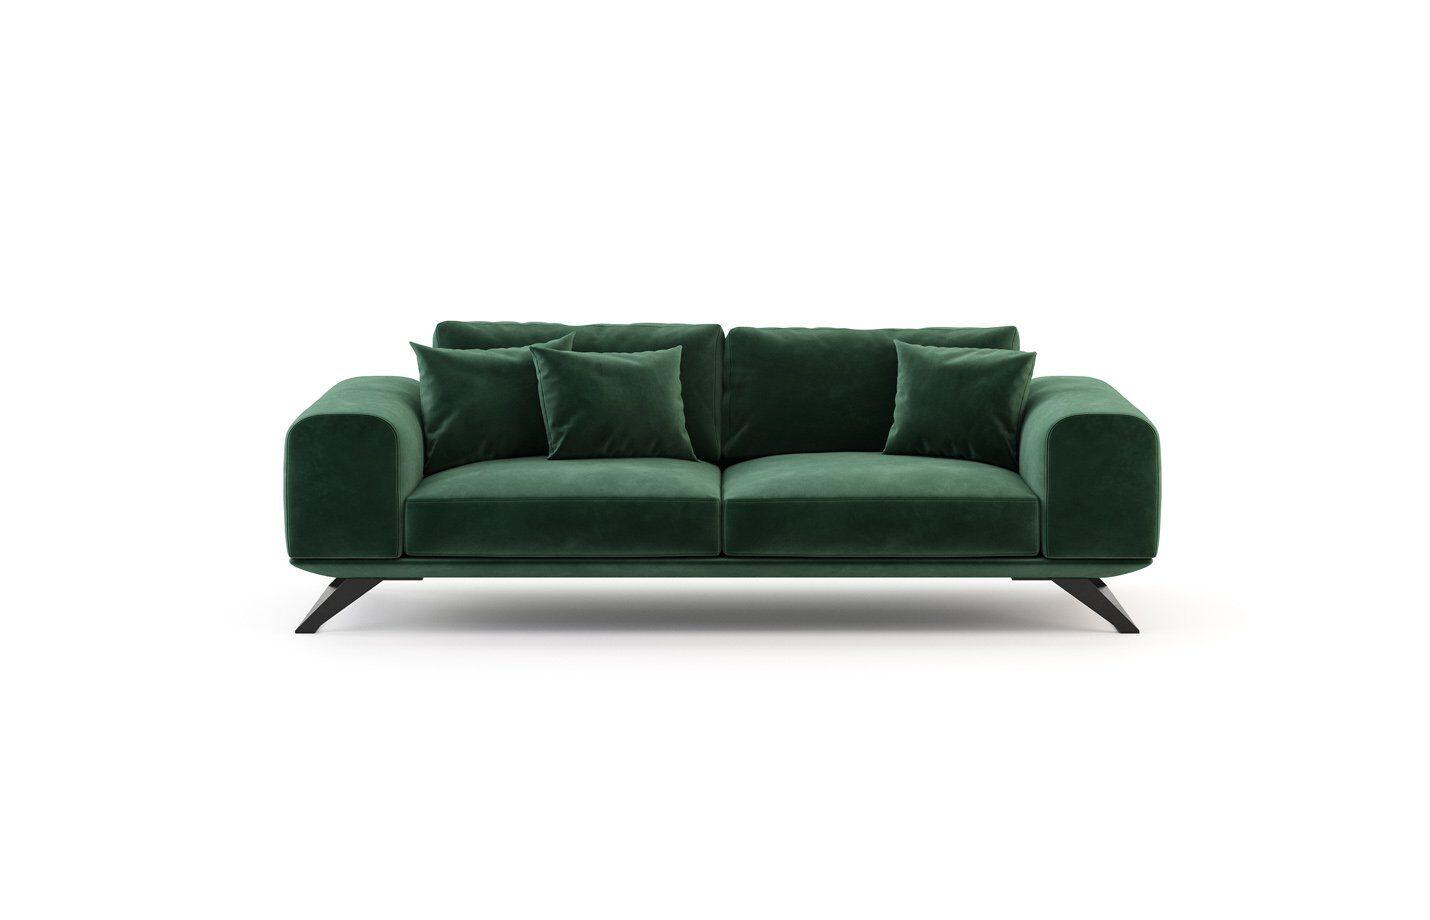 Florence-Sofa-by-fabiia-furniture-signature-1